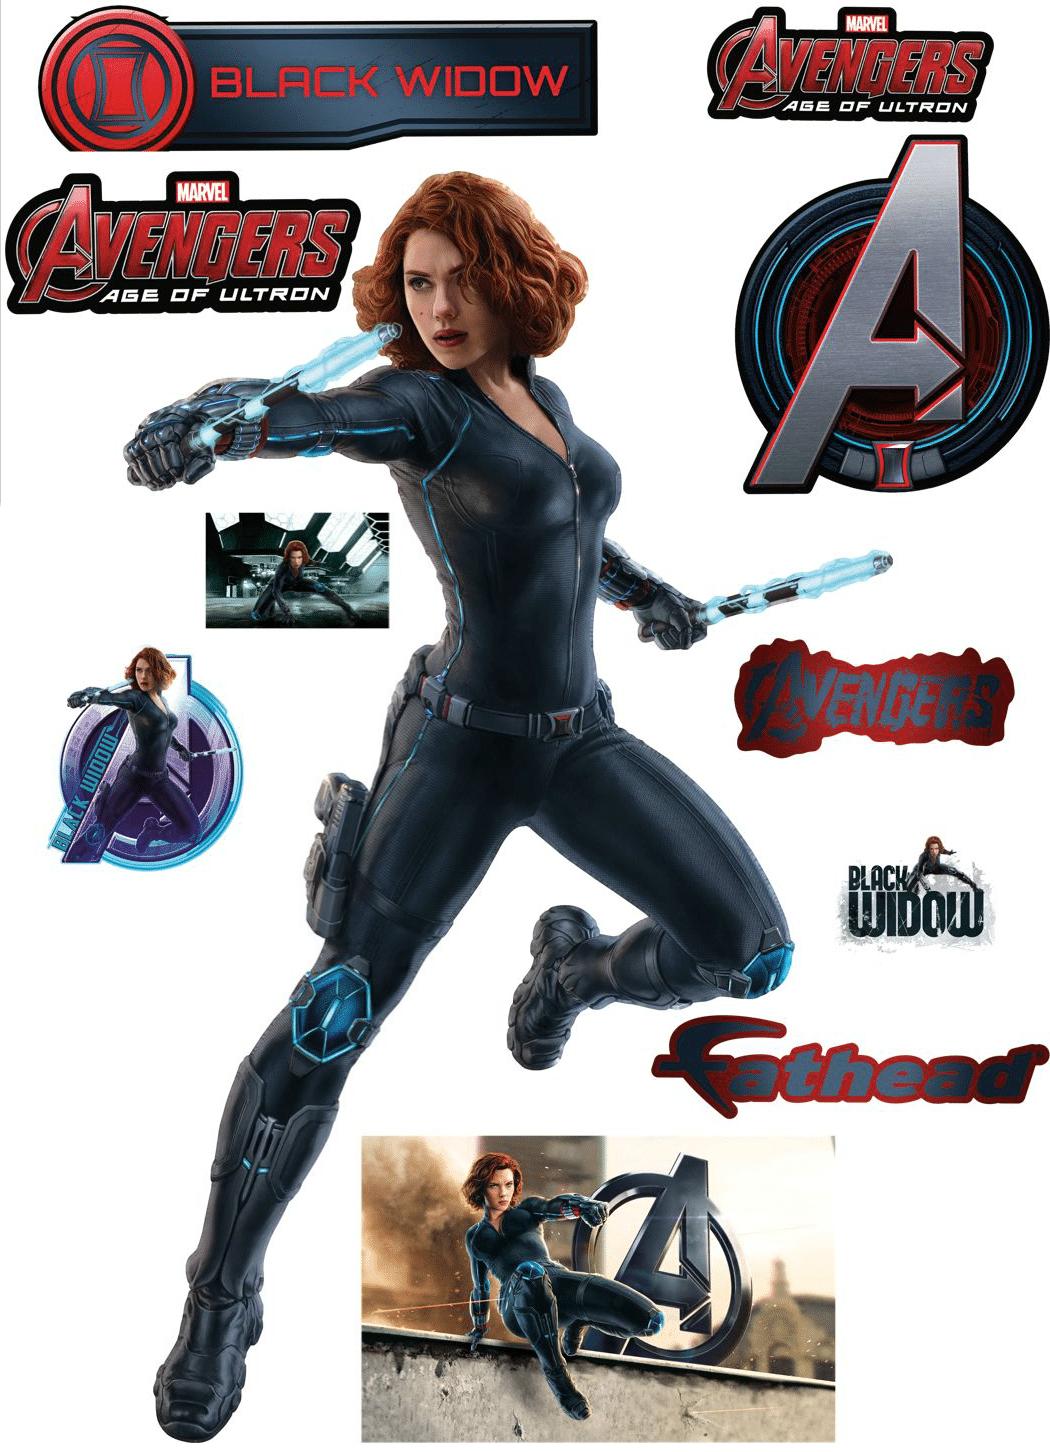 news_avengers279